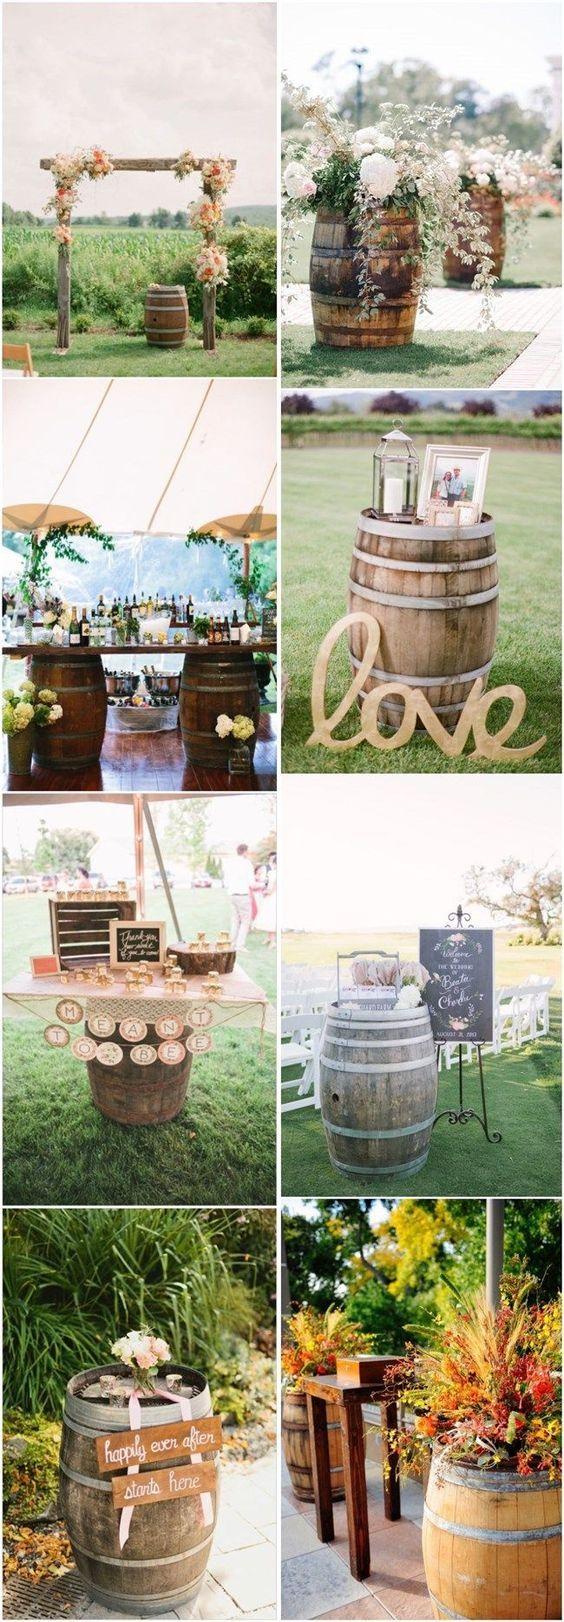 On aimerait vous présenter ici une idée de décoration que nous aimons beaucoup. Le recyclage de vieux tonneaux de vins ou de whisky. Ils donnent une touche champêtre et naturel, avec aussi une touc…